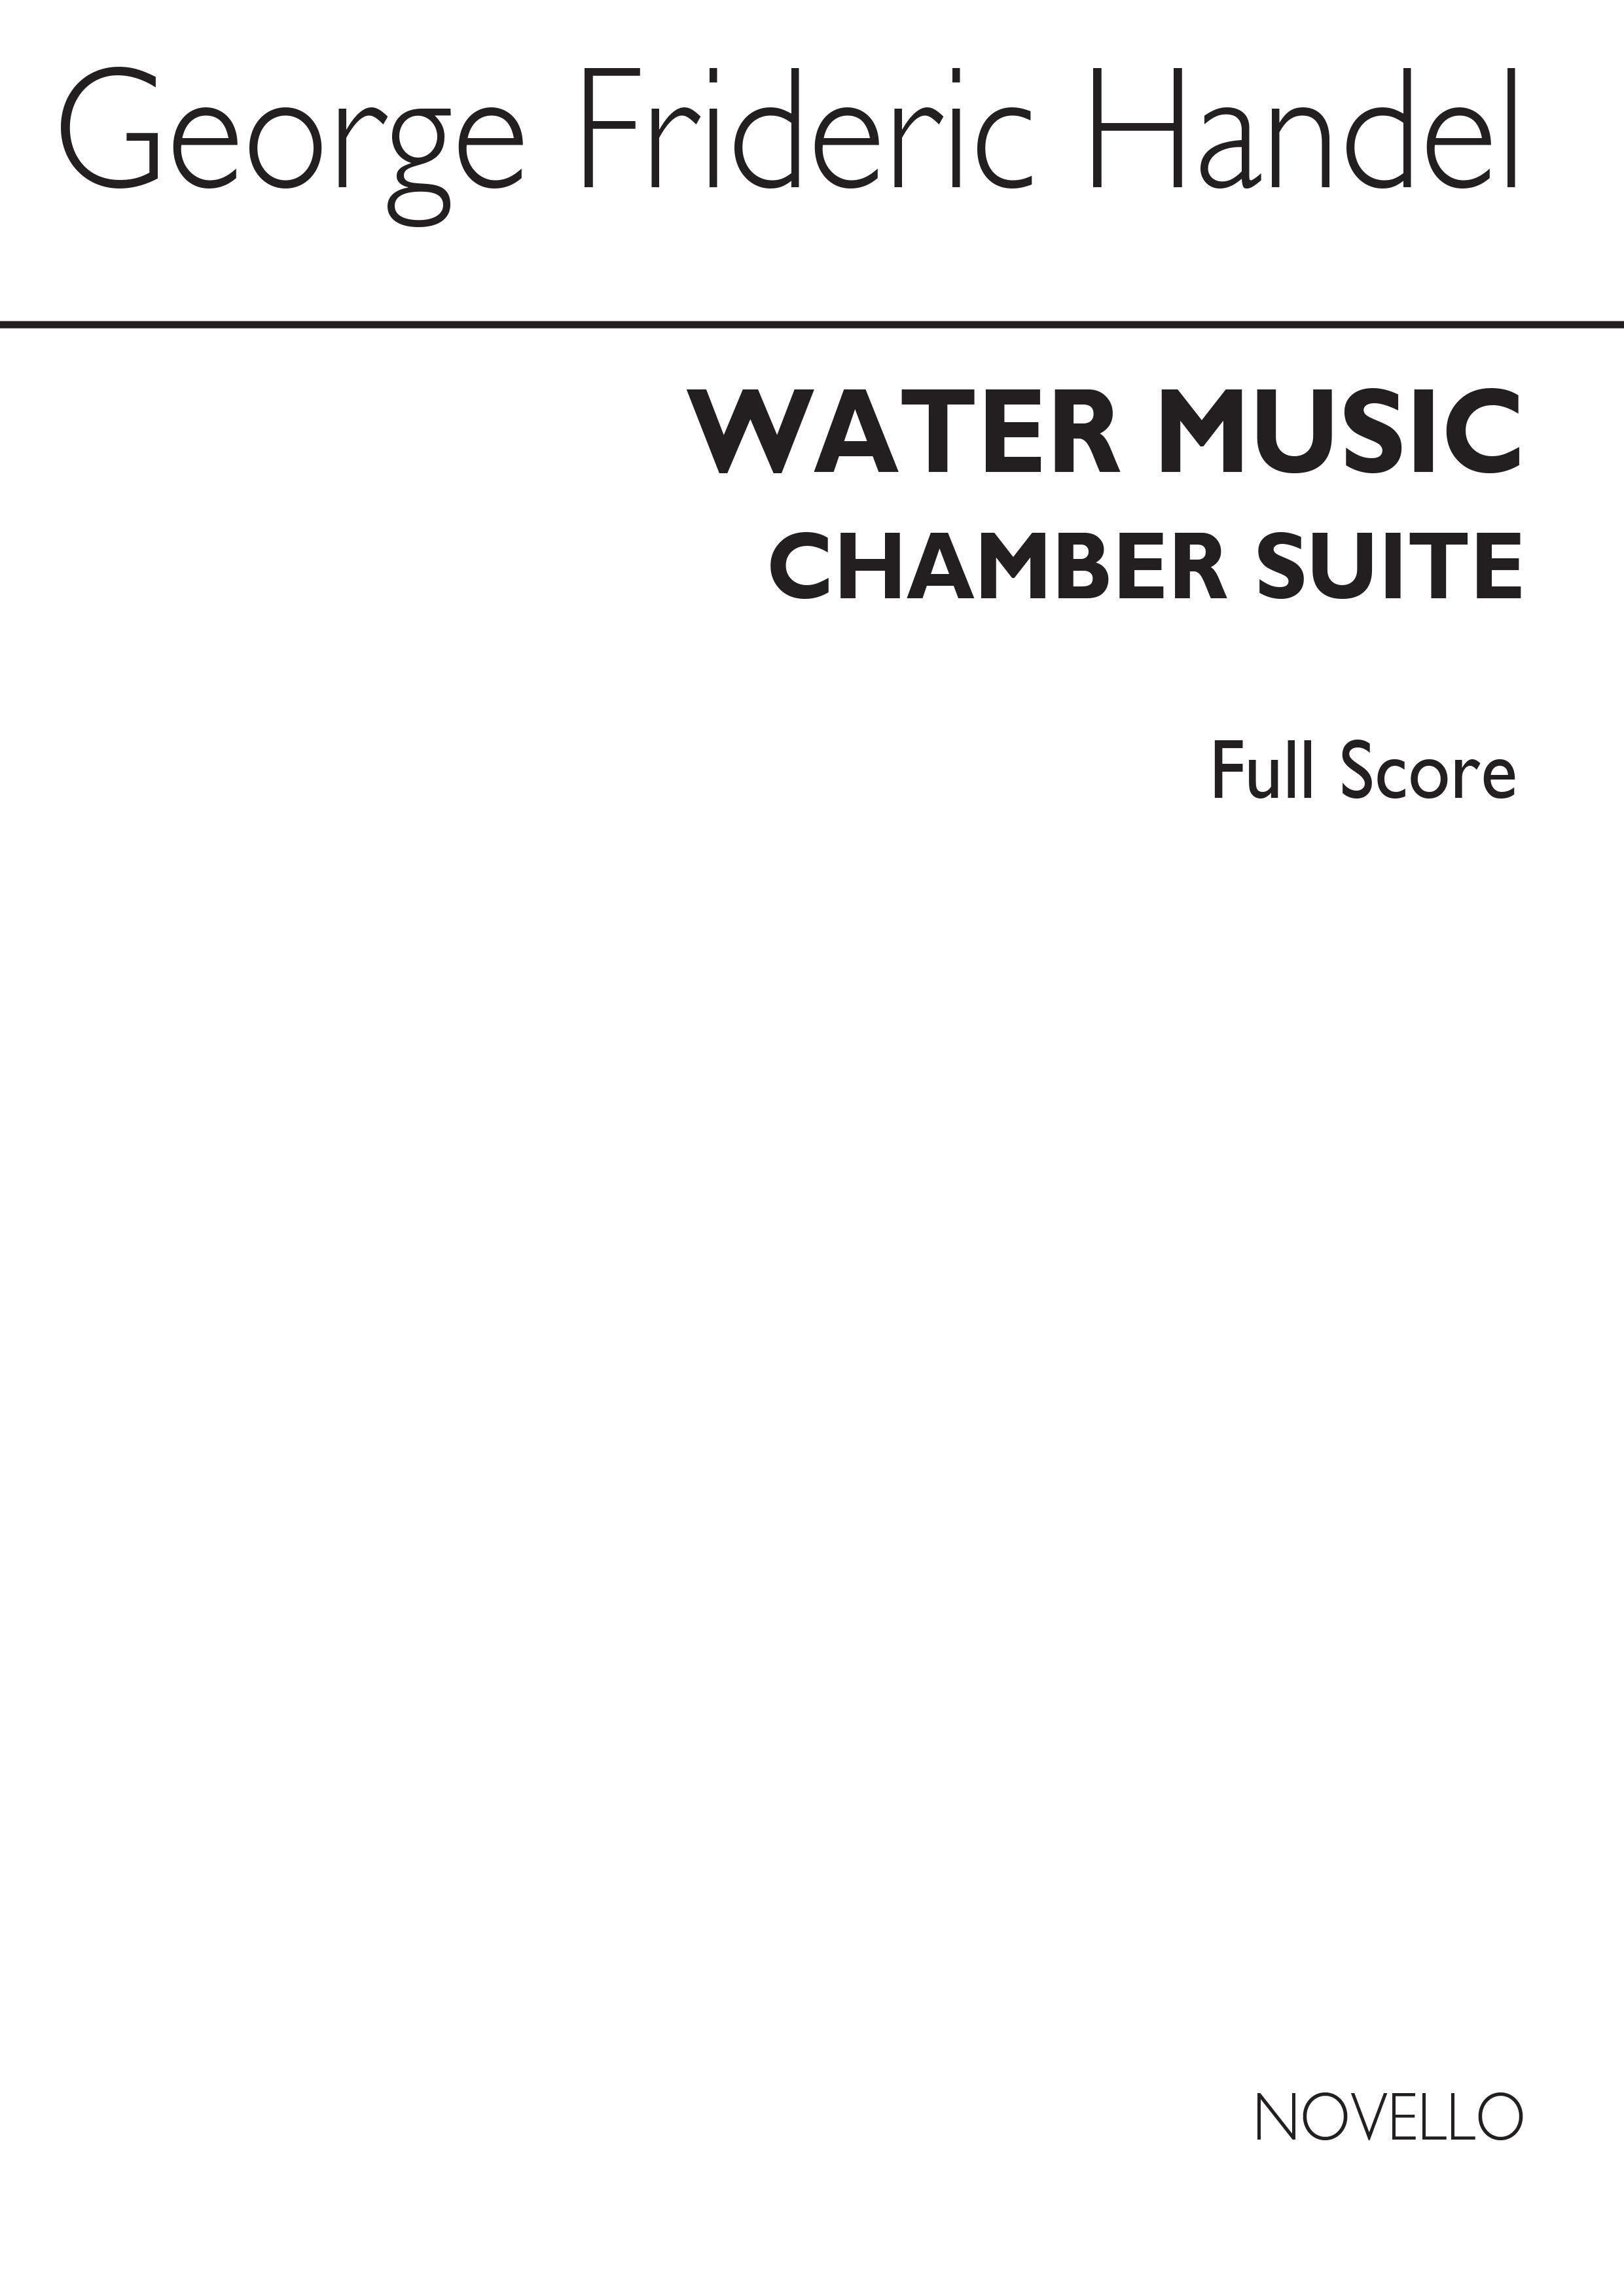 Georg Friedrich Händel: Water Music Chamber Suite: String Quartet: Score